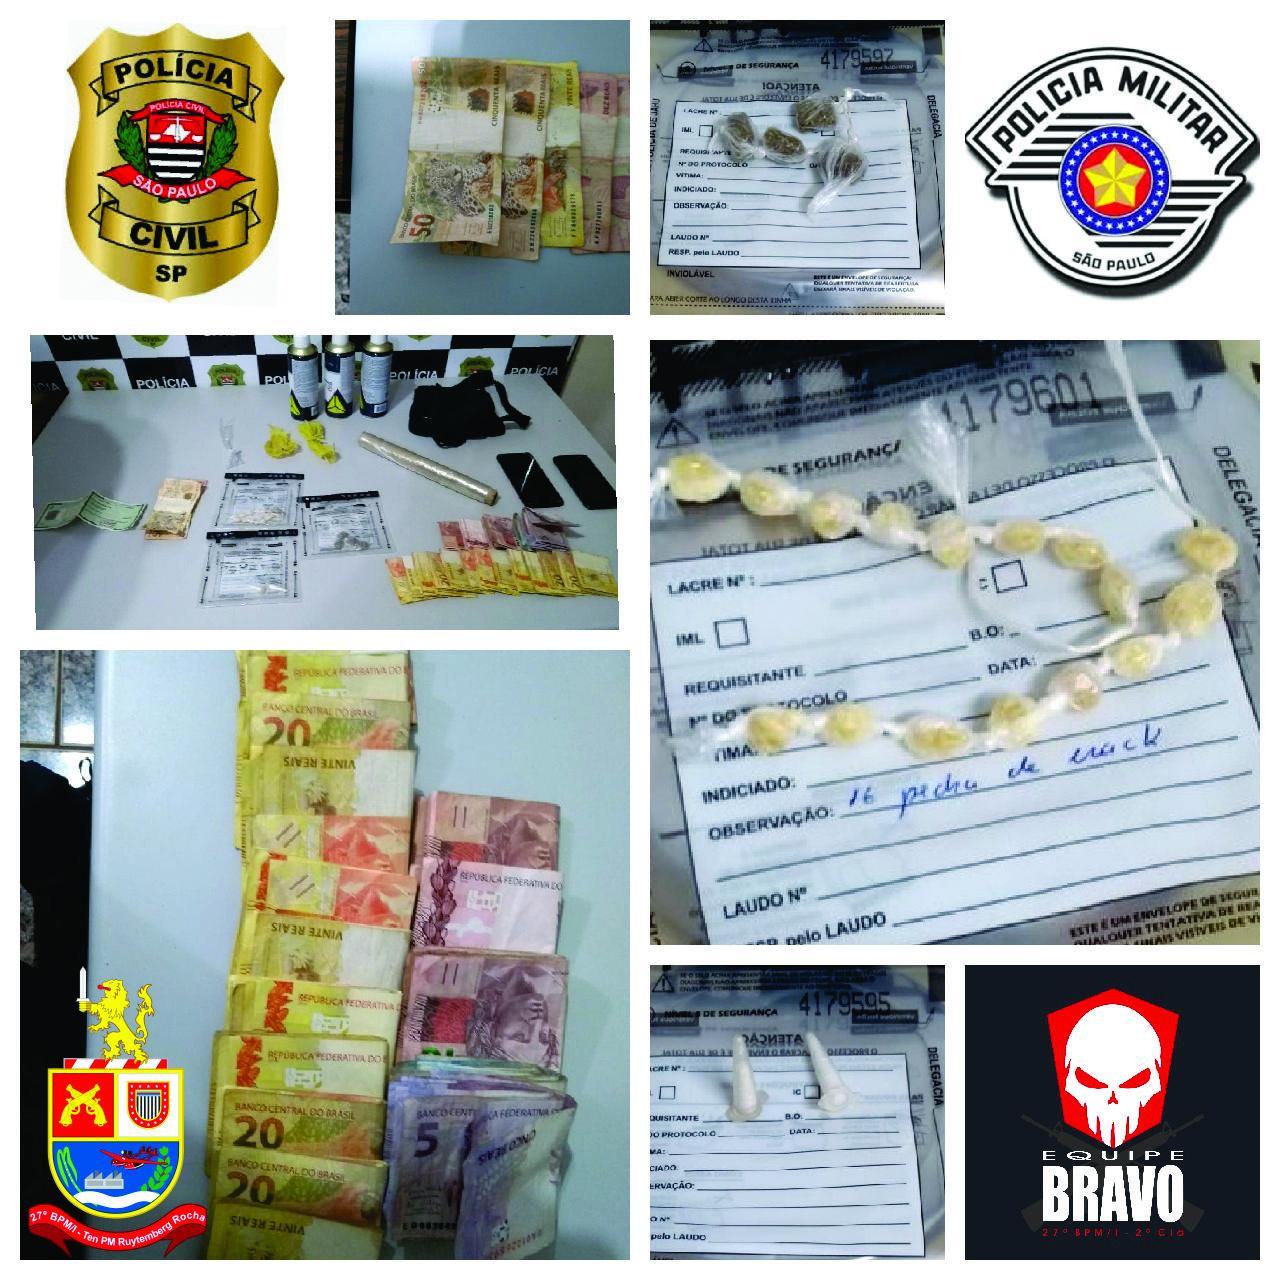 Operação Conjunta entre Polícia Militar e Polícia Civil, prende dois por tráfico e associação ao tráfico em Igaraçu do Tietê.